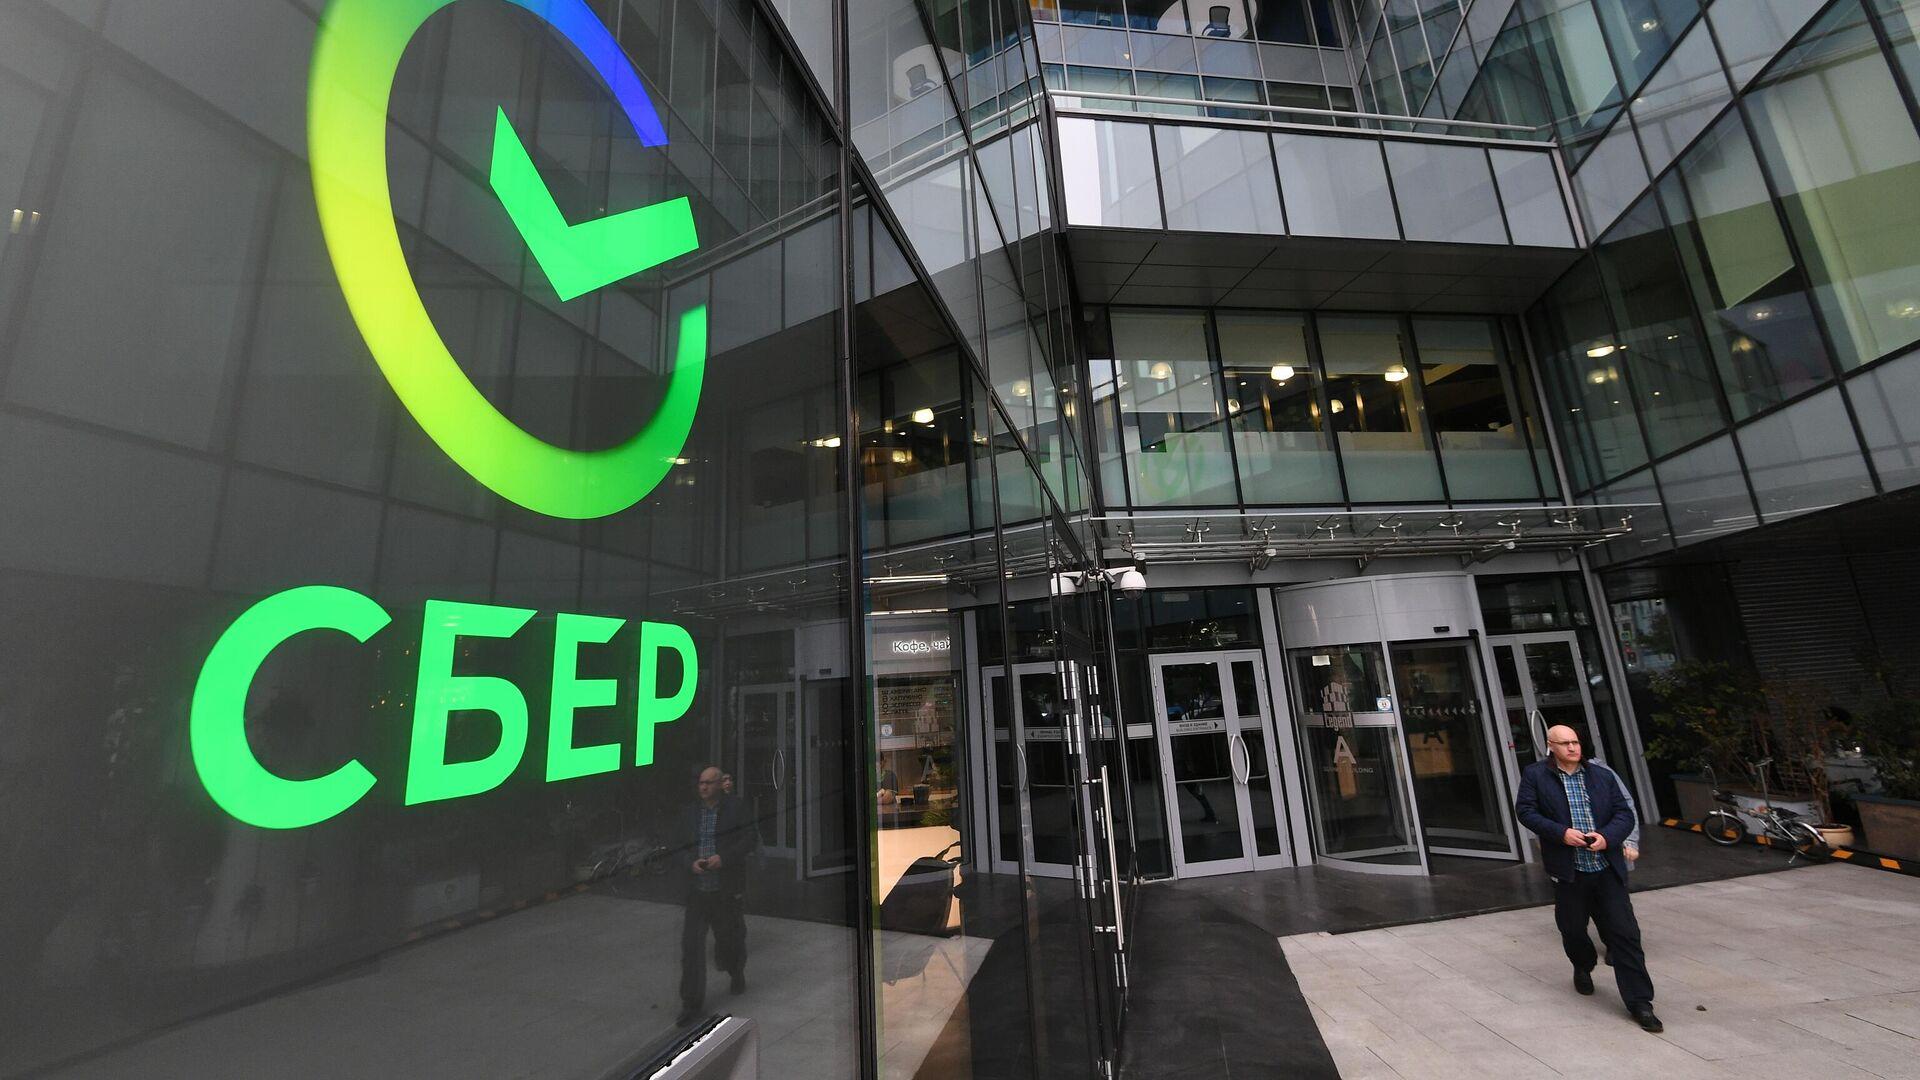 Сбербанк открыл первый офис в новом формате - РИА Новости, 1920, 05.07.2021